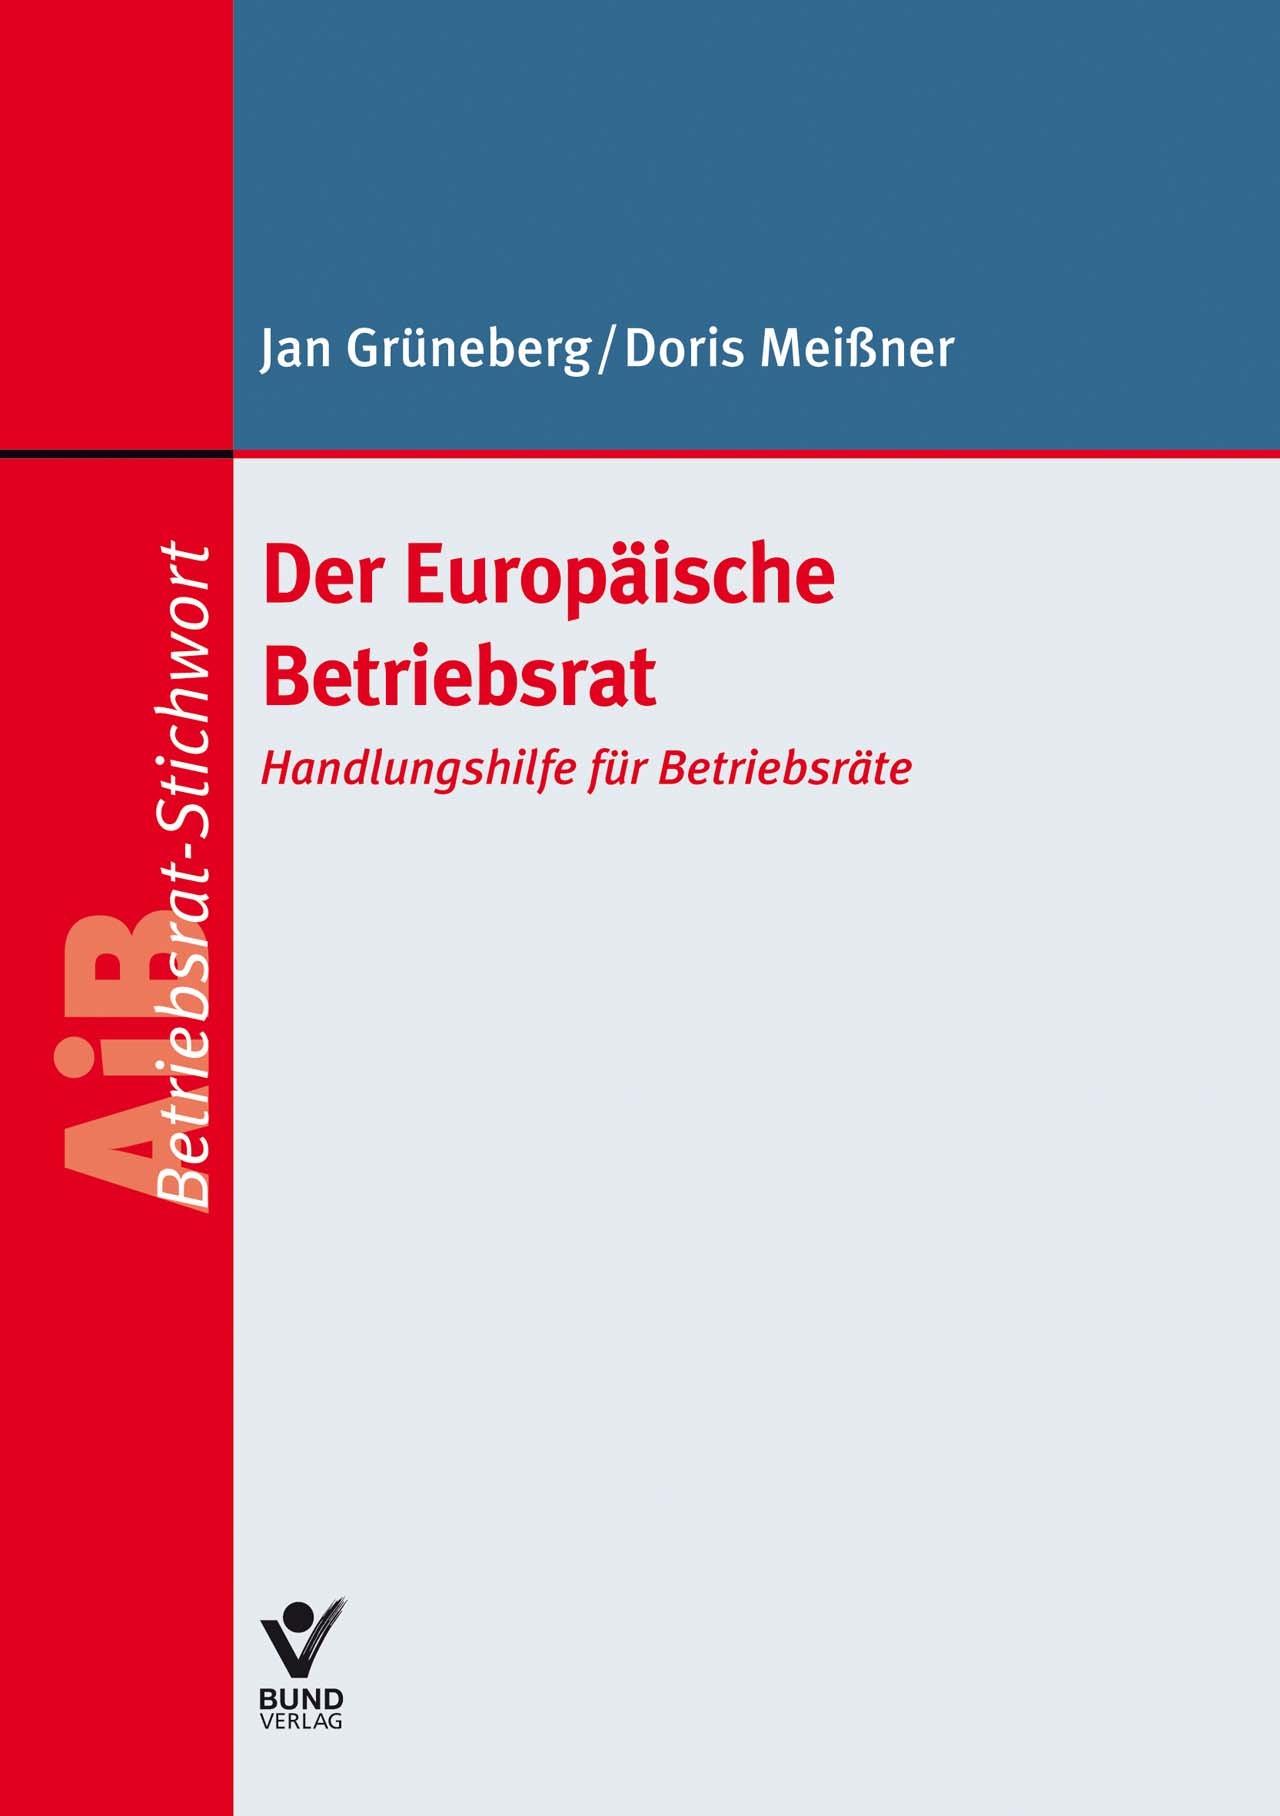 Der Europäische Betriebsrat | Grüneberg / Meißner, 2017 | Buch (Cover)